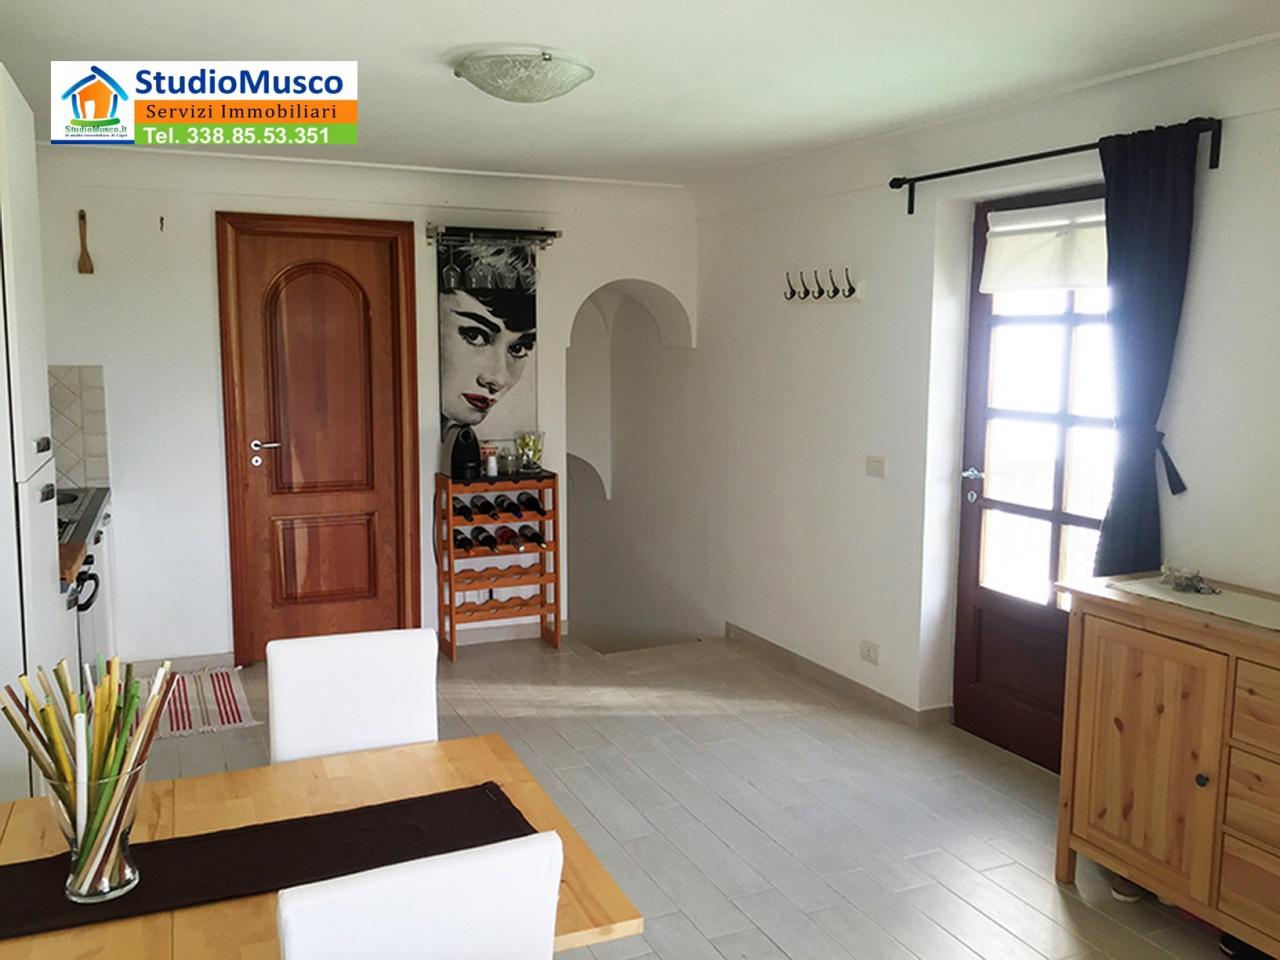 Appartamento, via Caprile, 0, Vendita - Anacapri